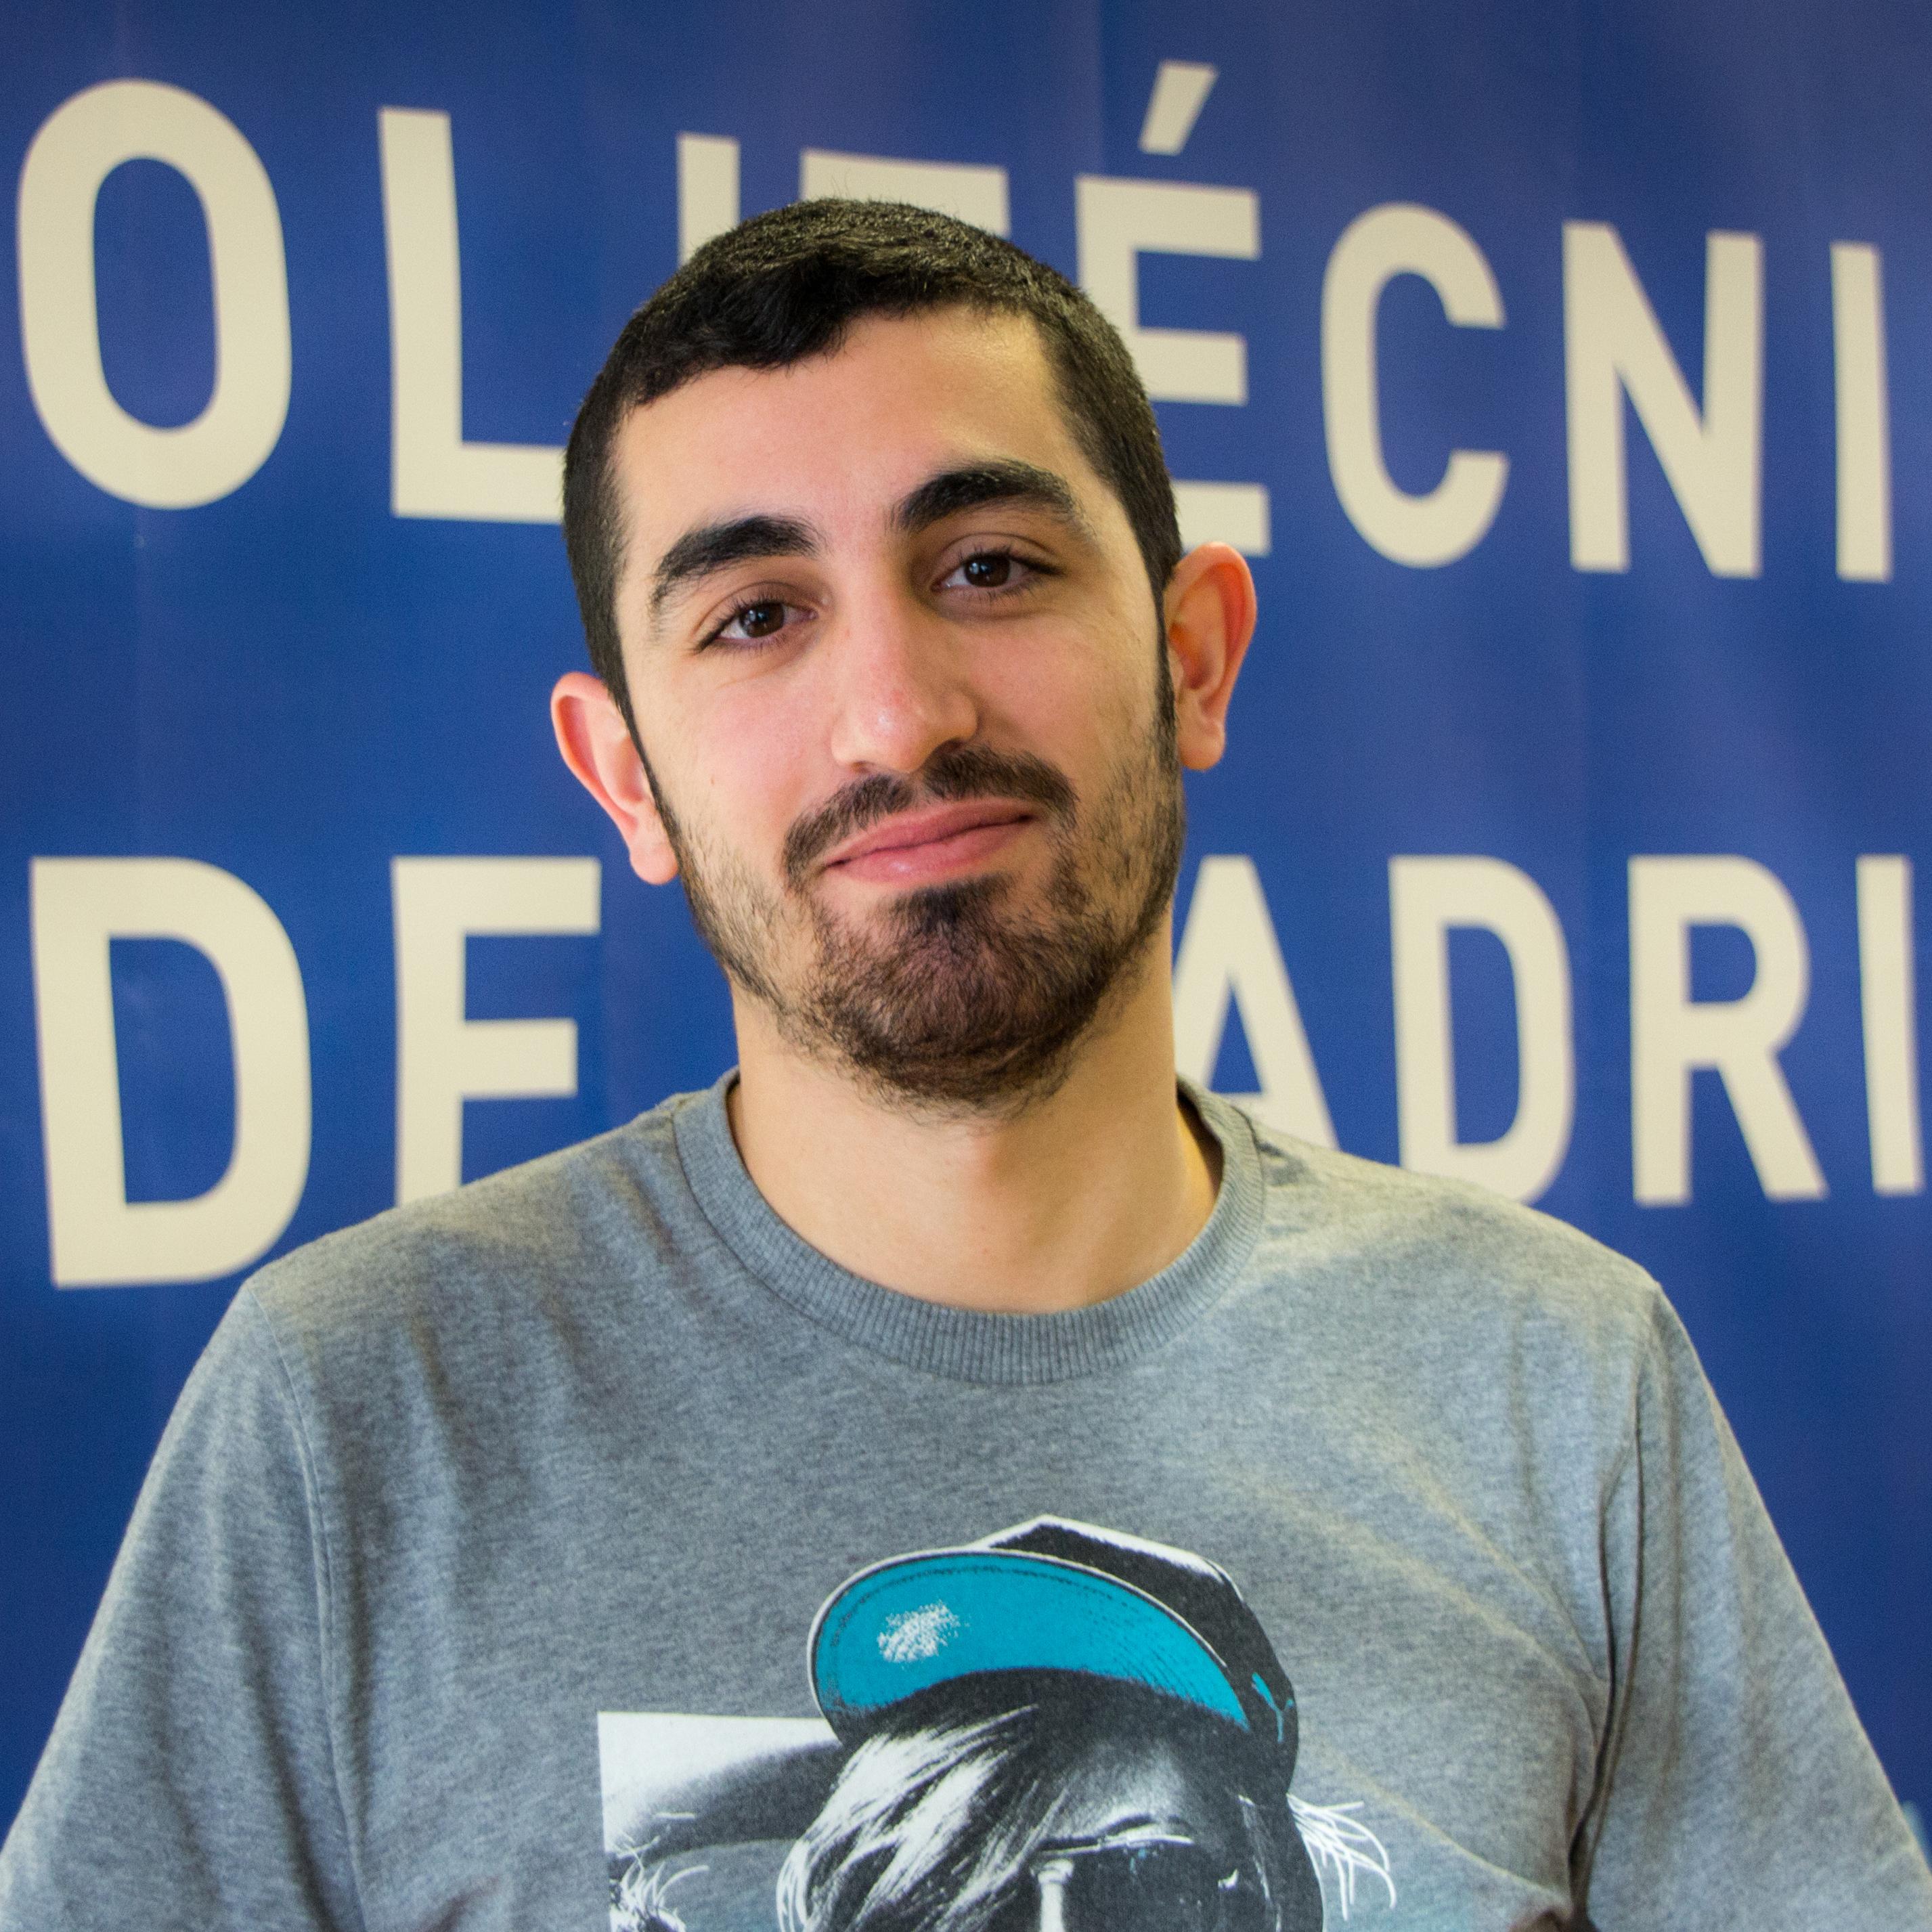 Pablo Morales Campanario